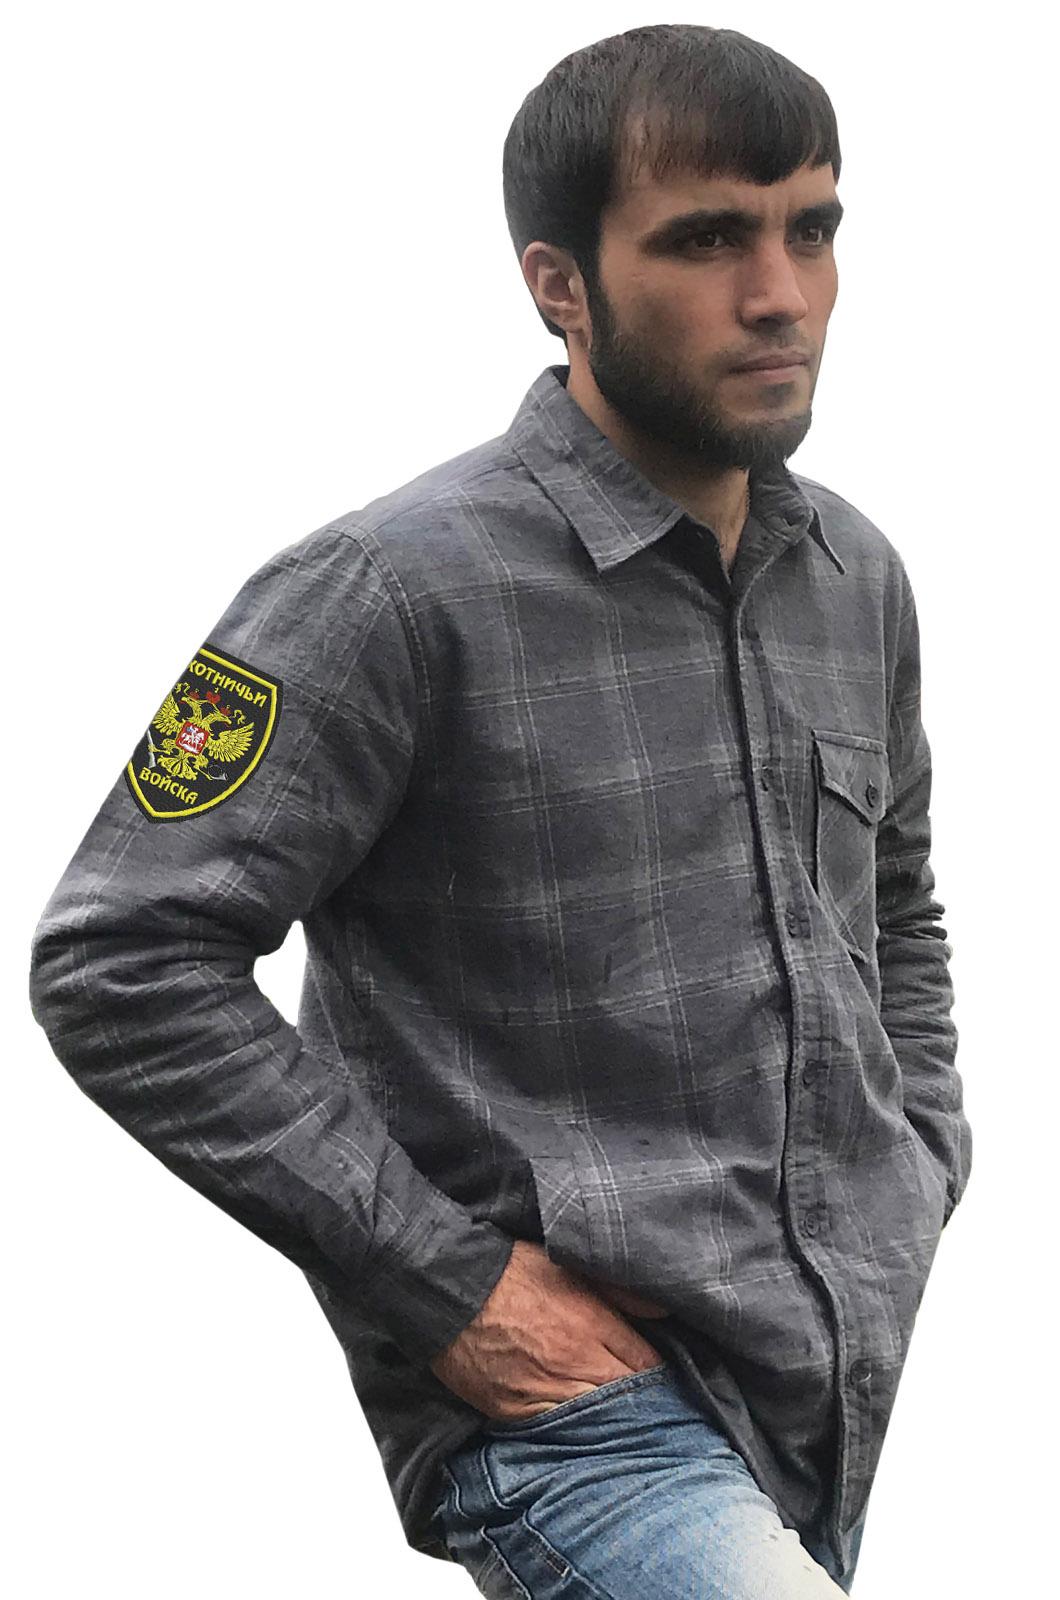 Строгая рубашка с вышитым шевроном Охотничьи Войска